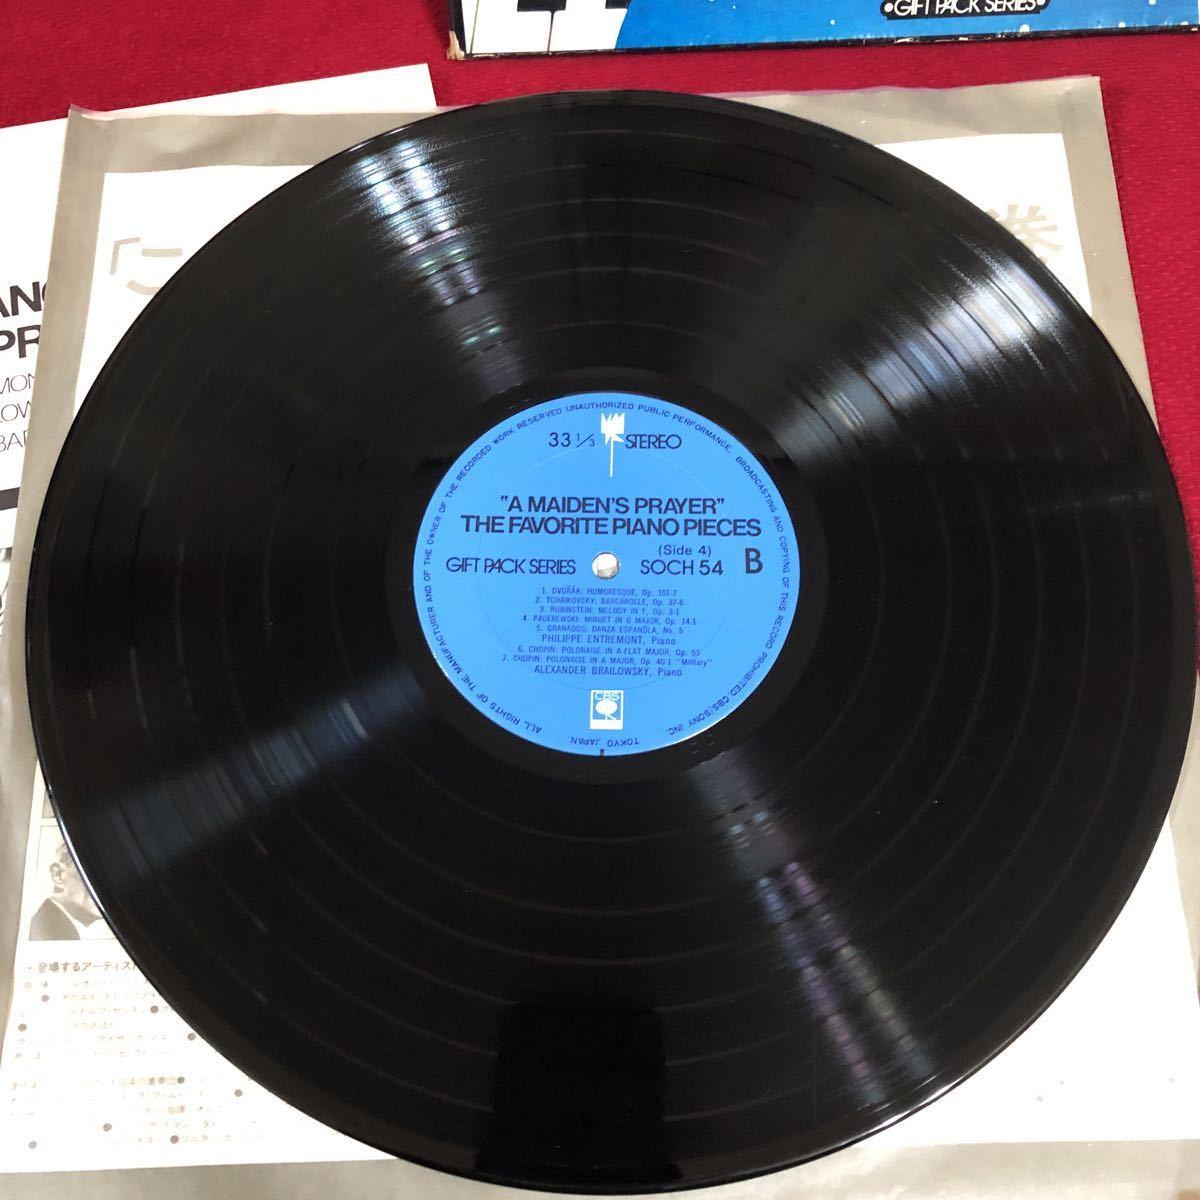 """レア盤BOX★LPレコード★クラシックピアノ★THE FAVORITE PIANO PIECES """"A MAIDENS PRAYER ★2枚組 レコード多数出品中_画像8"""